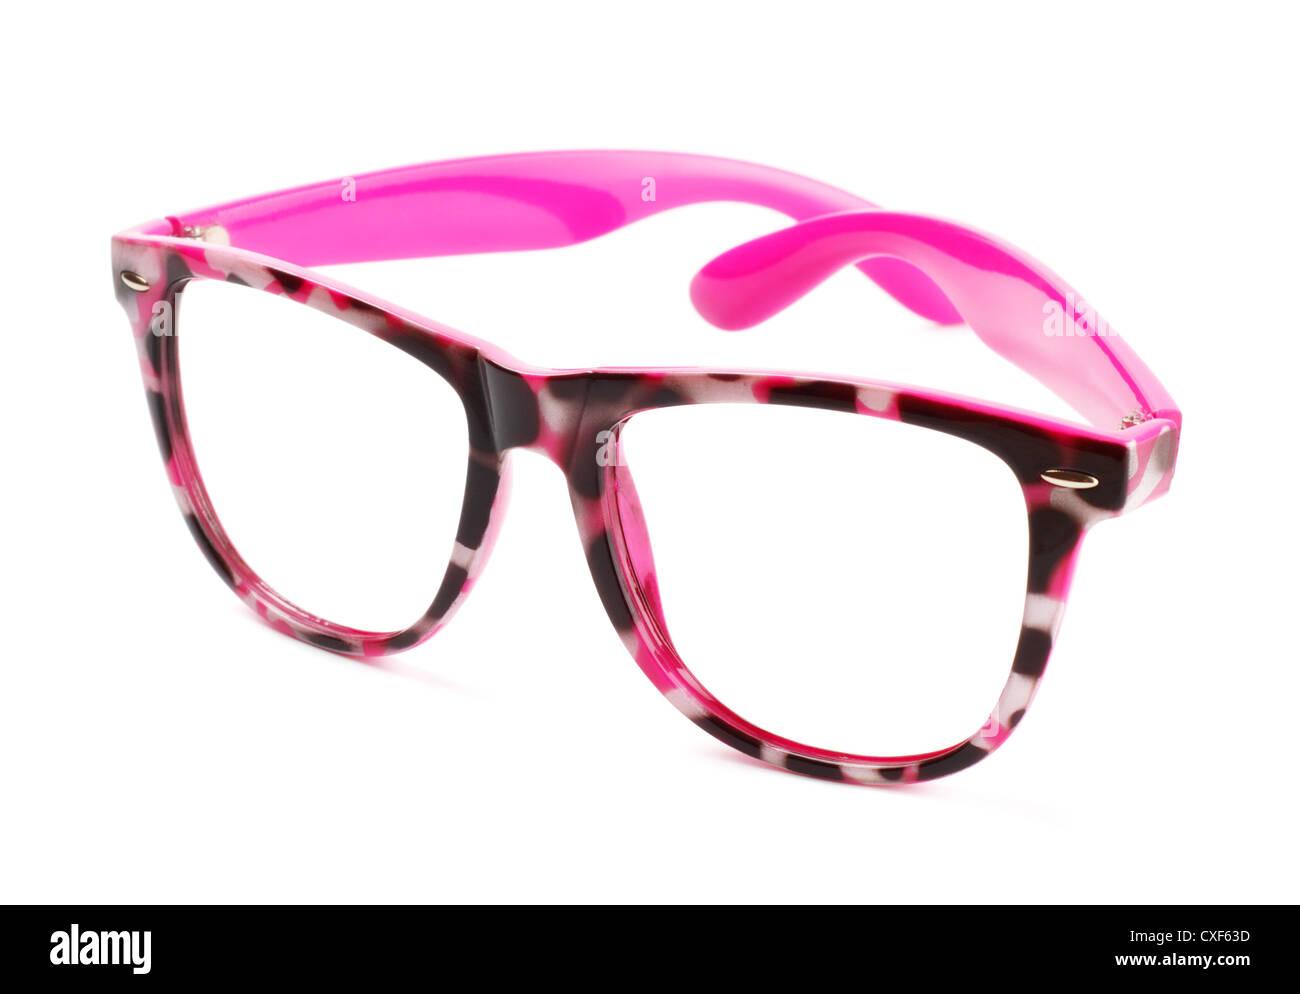 pink eyeglasses - Stock Image